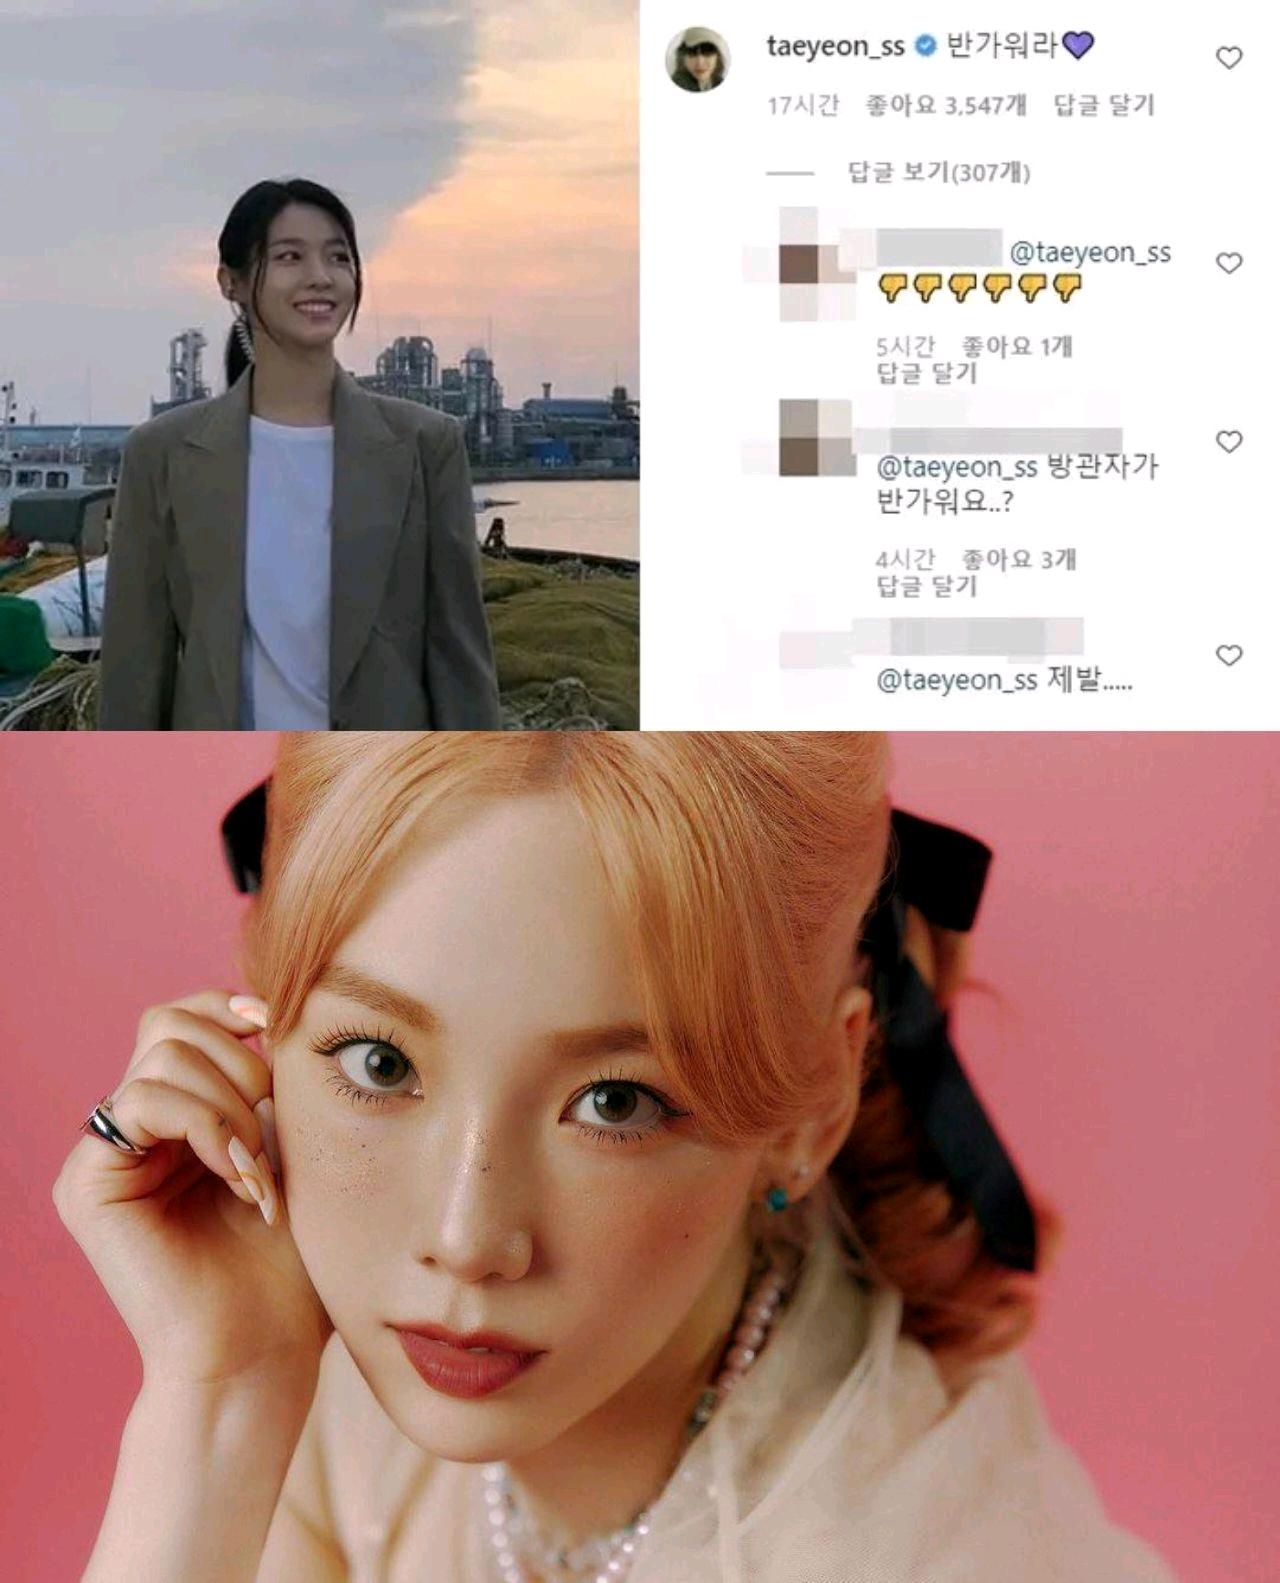 因为权珉娥提及AOA,连泰妍南宫珉都被恶评骂到关评论的雪炫ins